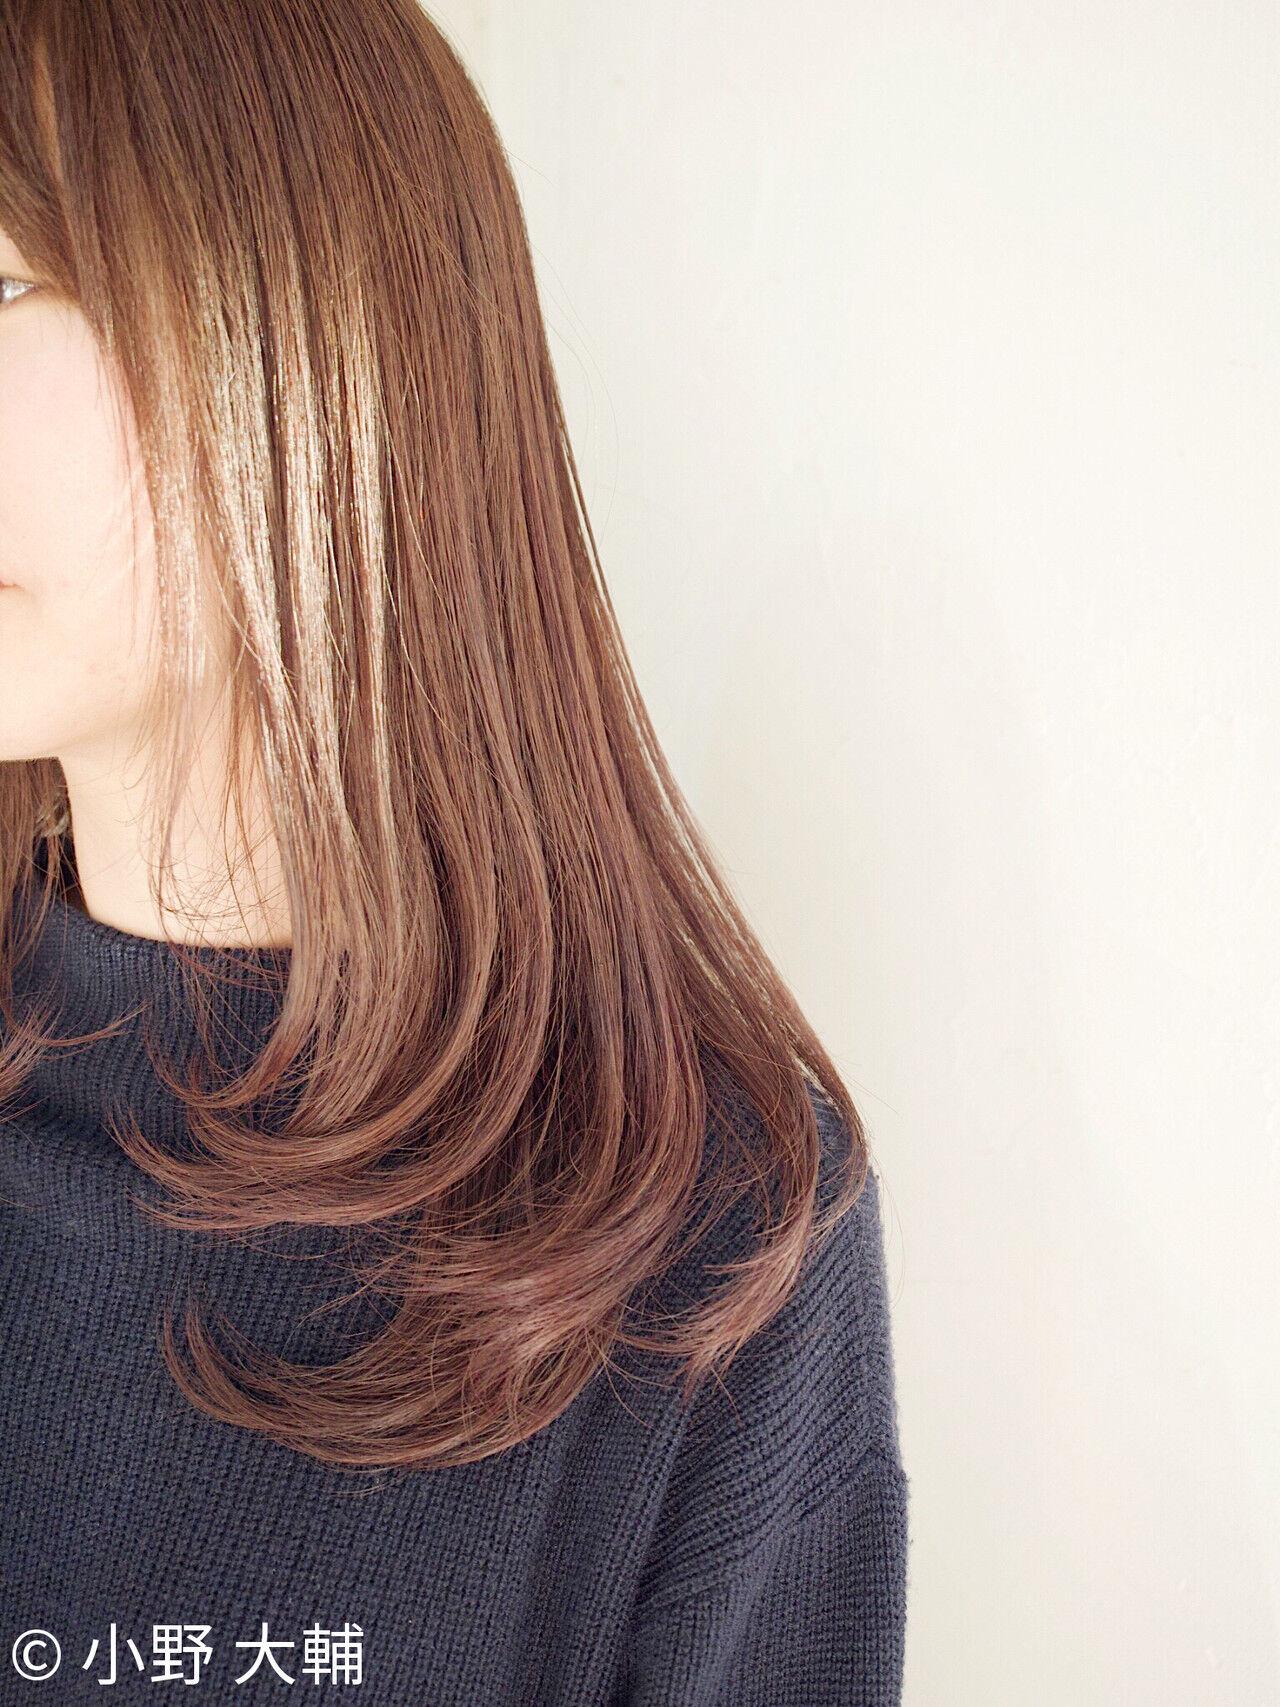 切りっぱなしボブ ラベンダーグレージュ ミルクティーベージュ ラベンダーアッシュヘアスタイルや髪型の写真・画像